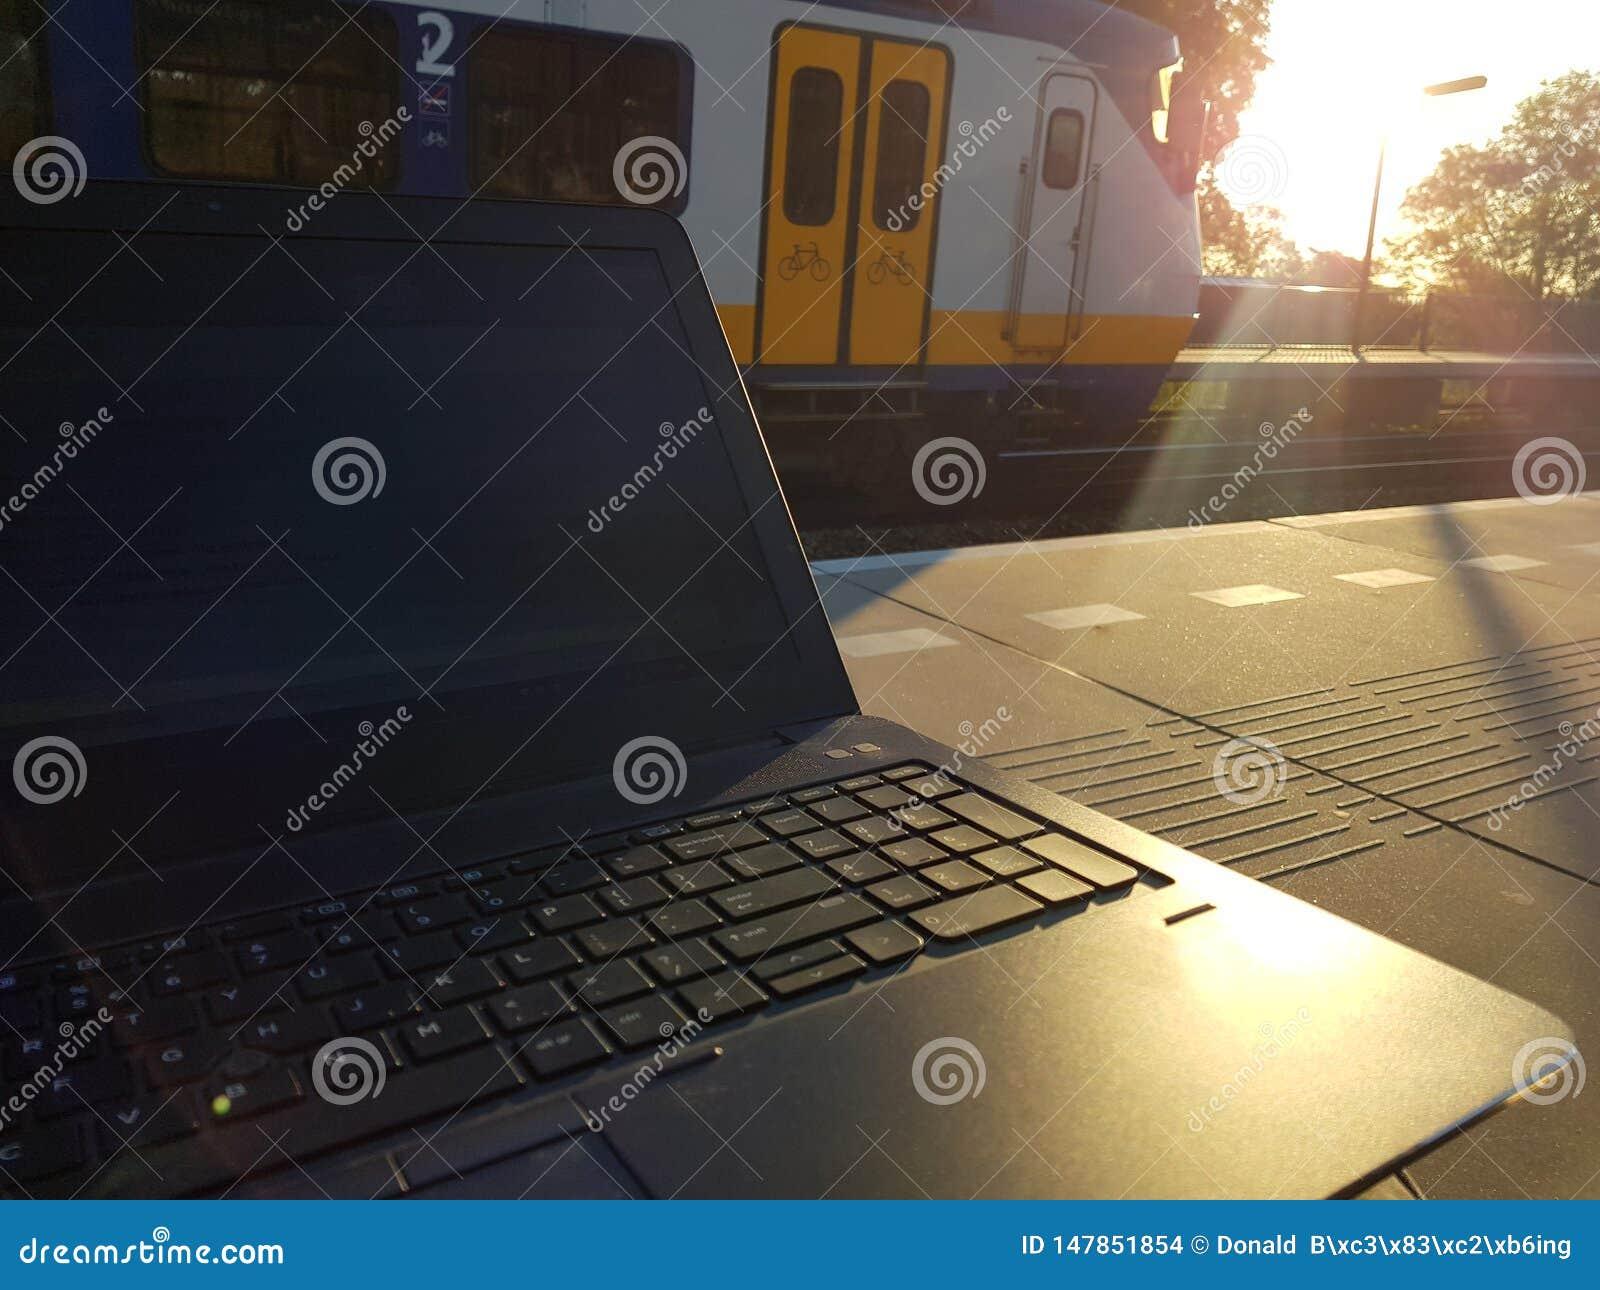 En travaillant sur l ordinateur portable tout en attendant sur la plate-forme le train, maximisez la productivité